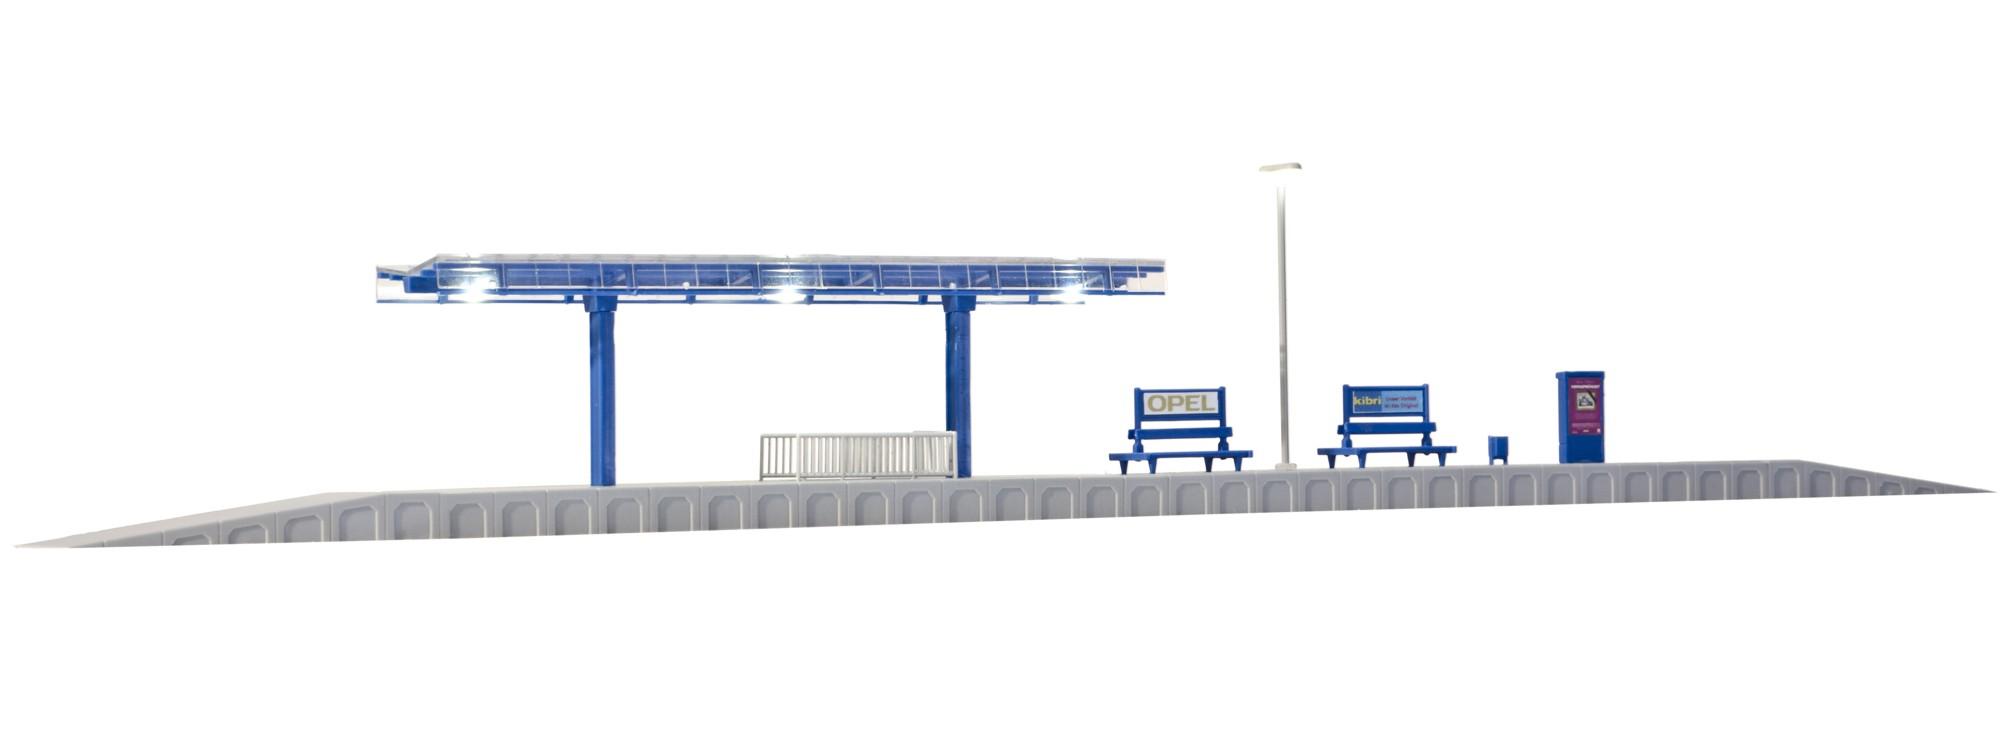 Kibri 39557 Moderner Bahnsteig Mit Led Beleuchtung Bausatz Spur H0 Online Kaufen Bei Modellbau Hartle